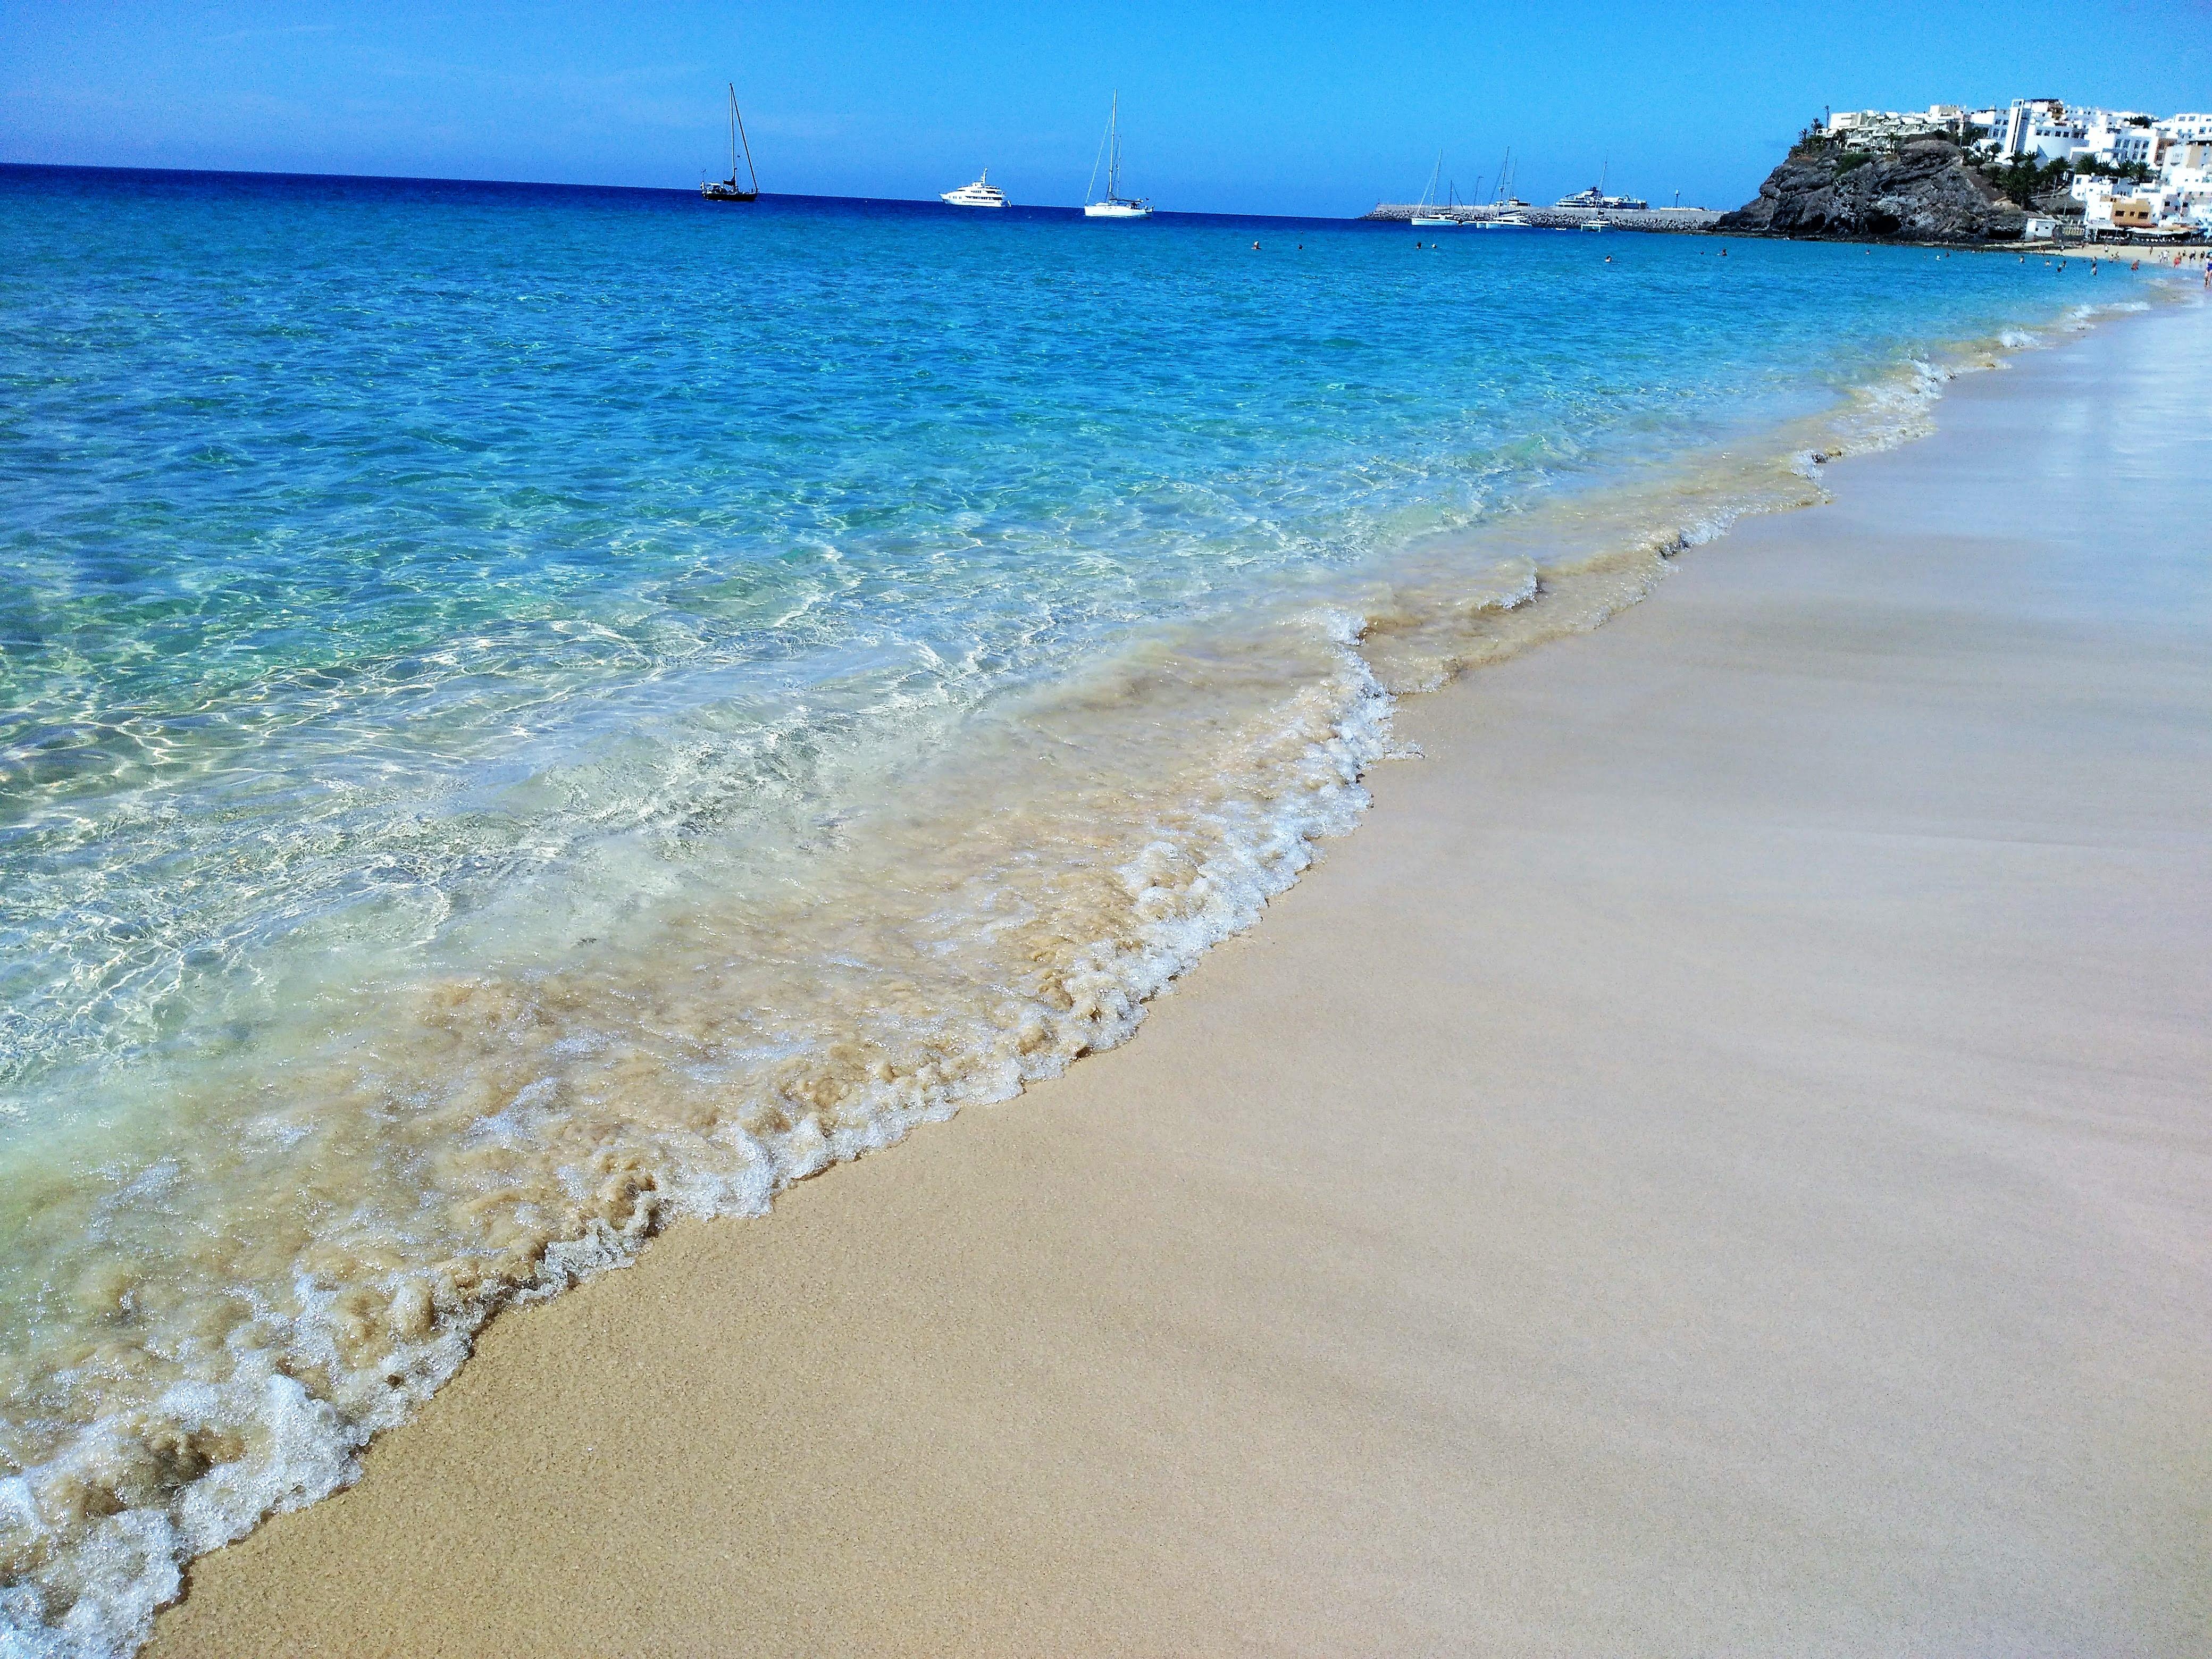 Ferienwohnung Apartment in Strandnhe mit groer Terrasse, Wlan und Parkplatz (2628896), Costa Calma, Fuerteventura, Kanarische Inseln, Spanien, Bild 28